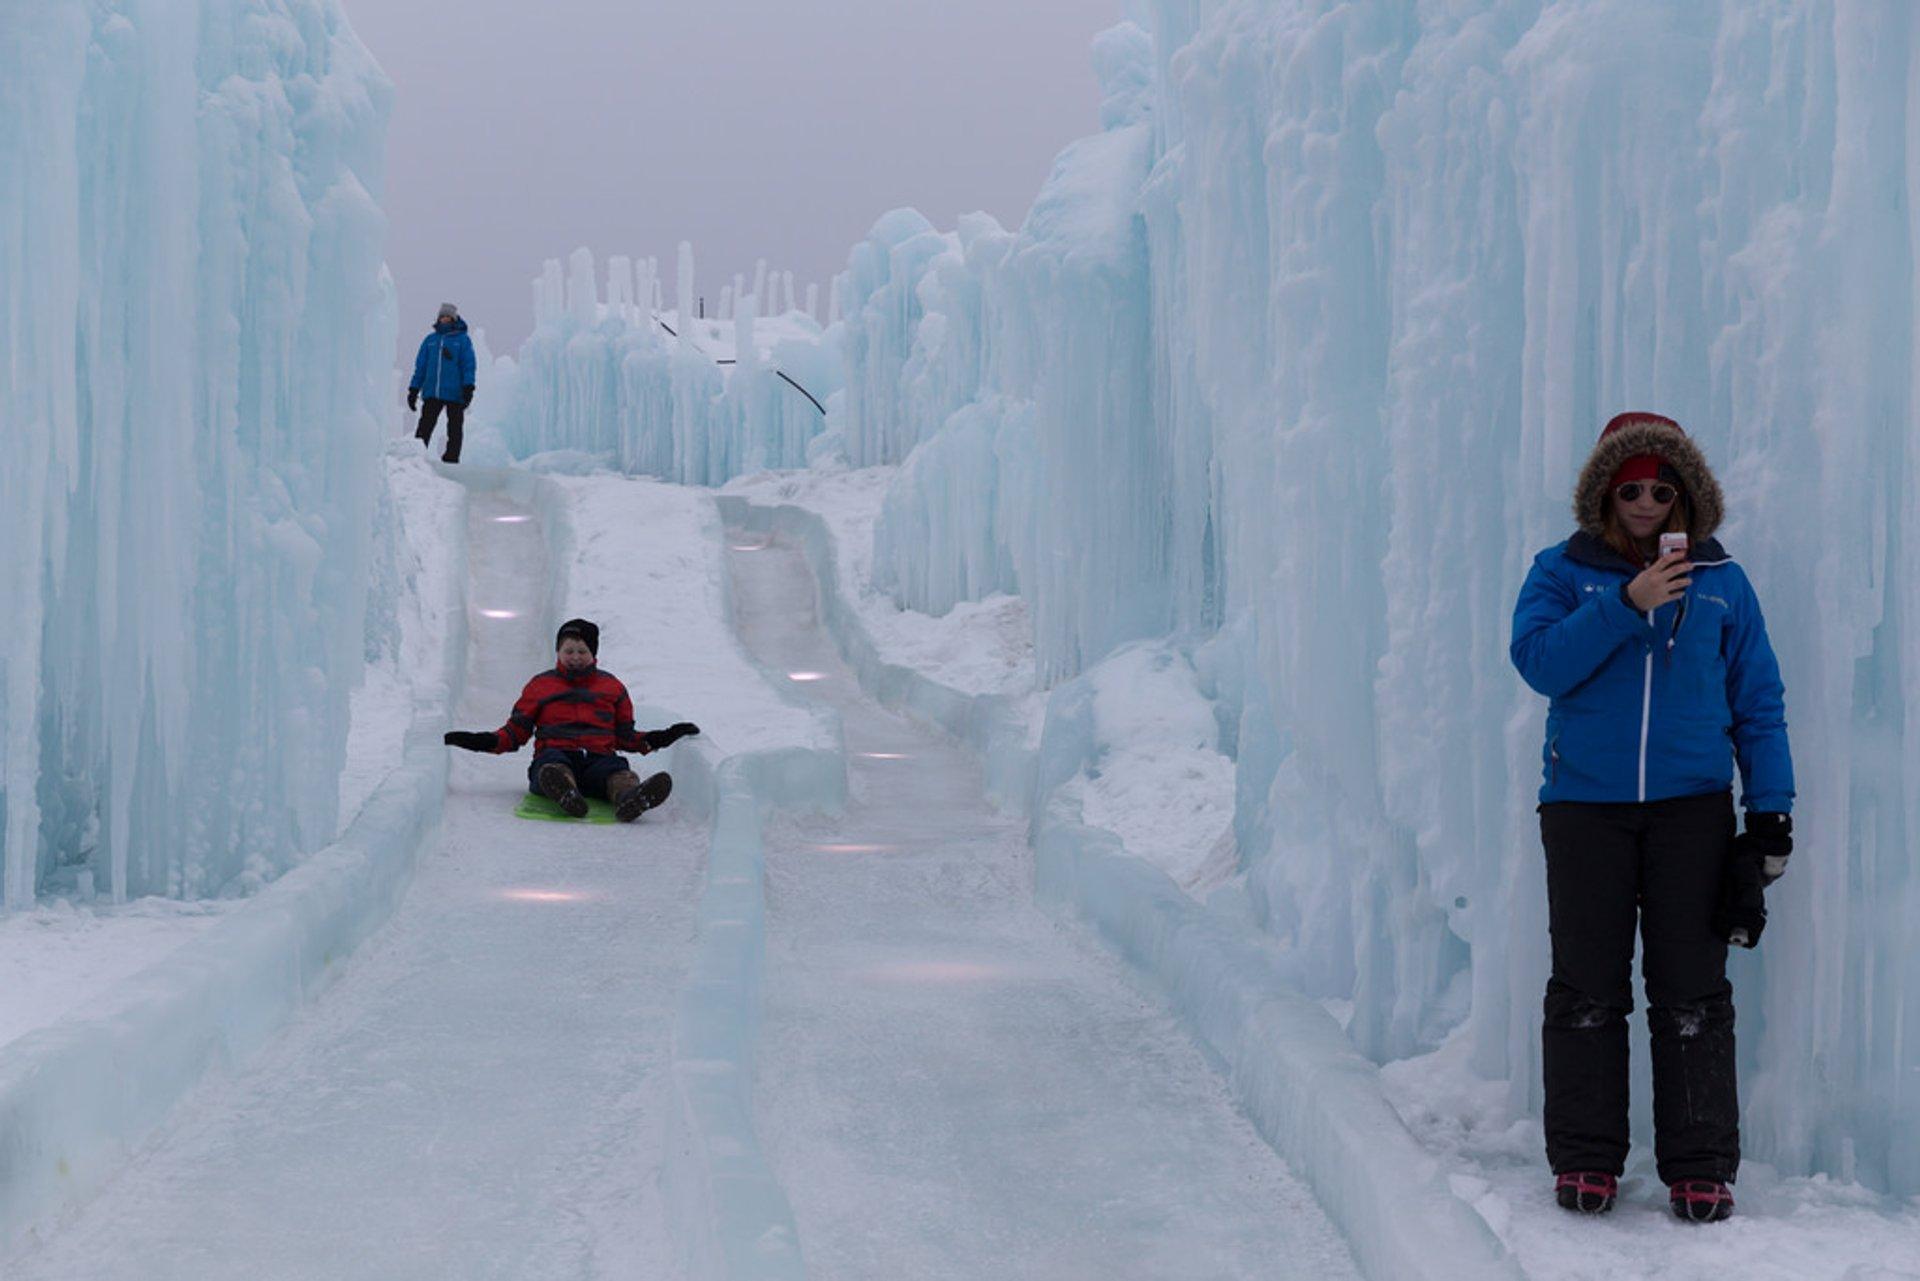 Ice Castles Edmonton, Alberta 2020